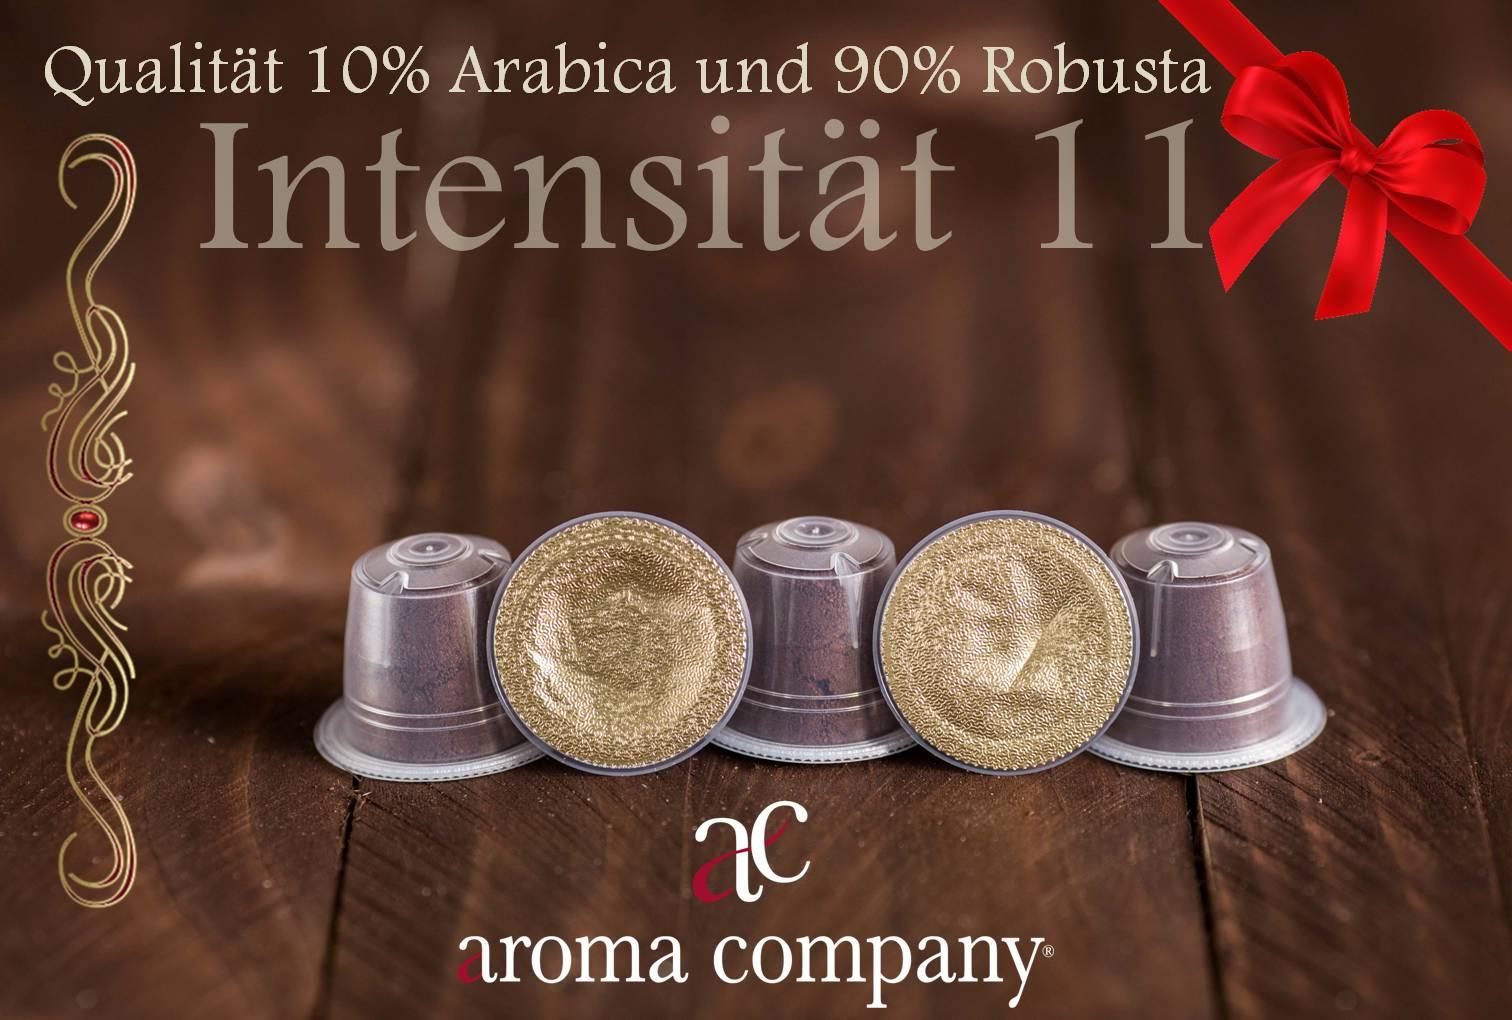 Sole di Napoli Aroma Company qualitat espresso